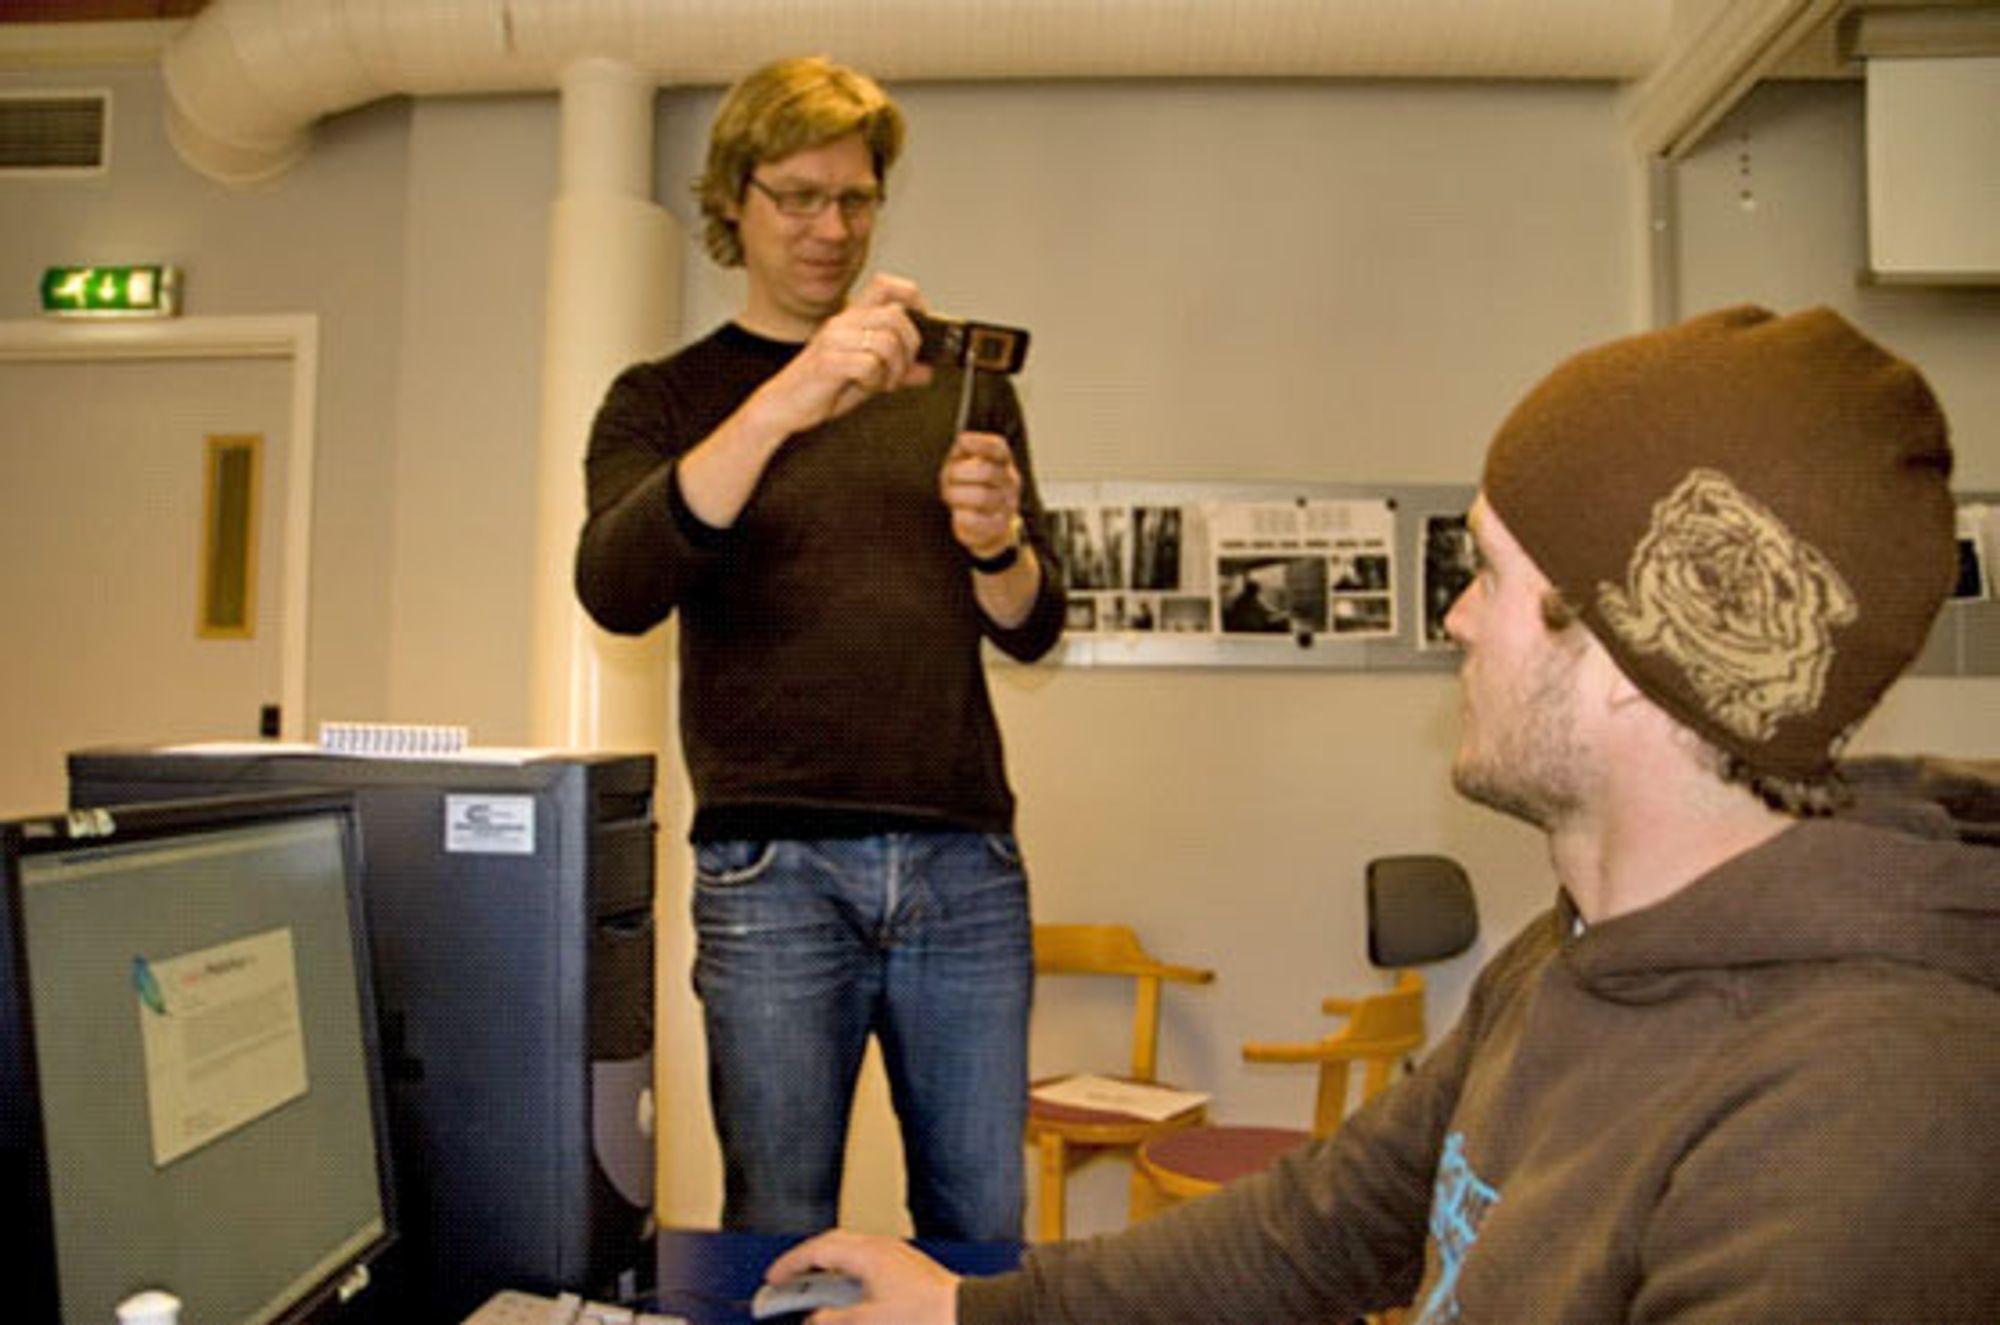 Jon Petter Evensen tyr til mobilkameraet for å forevige student Christian Nørstebø